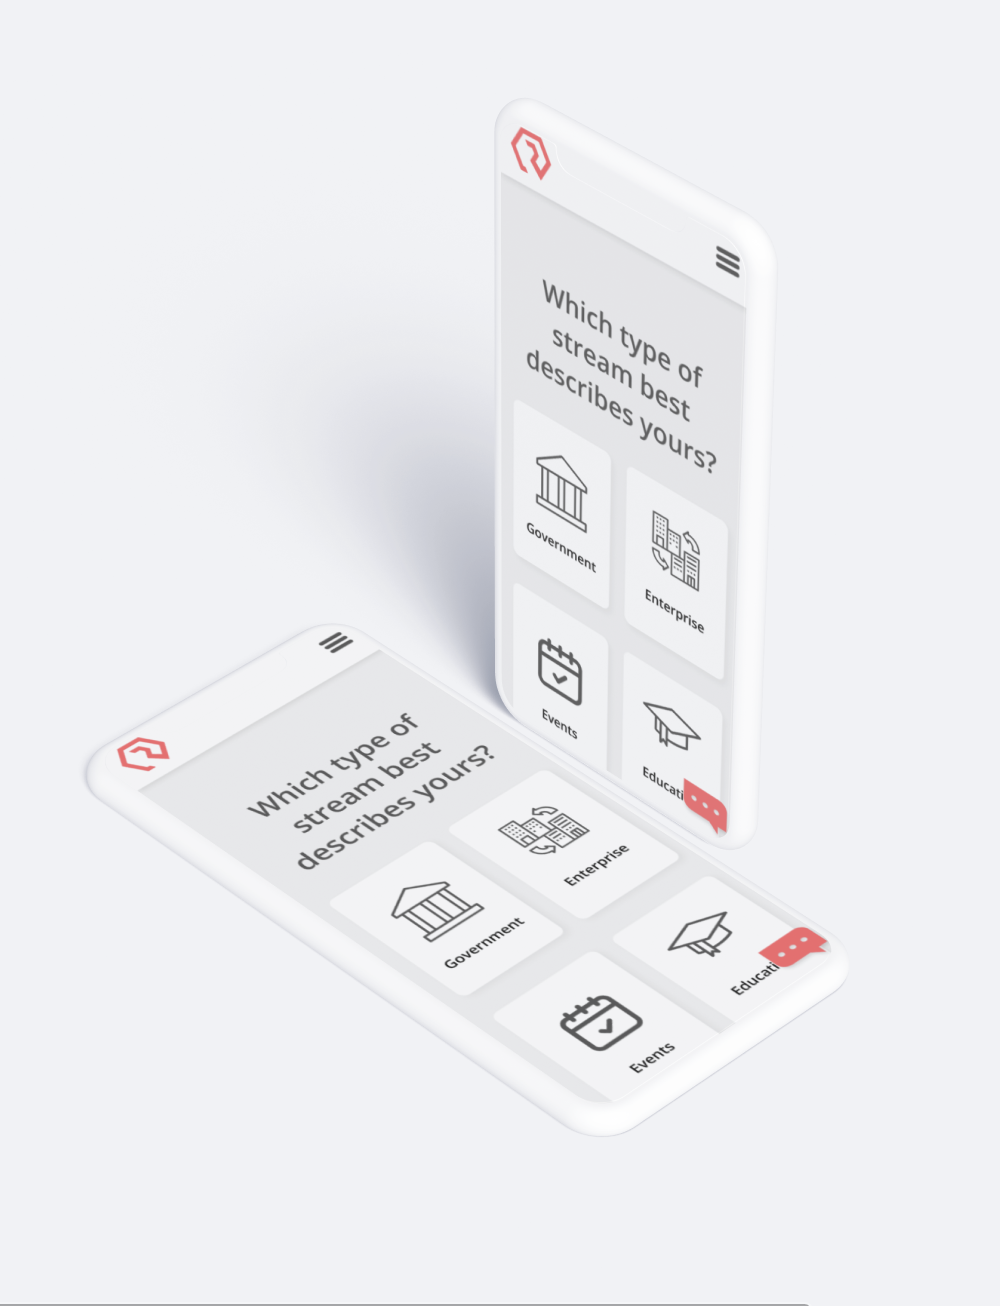 App Design by Connor Schmitt